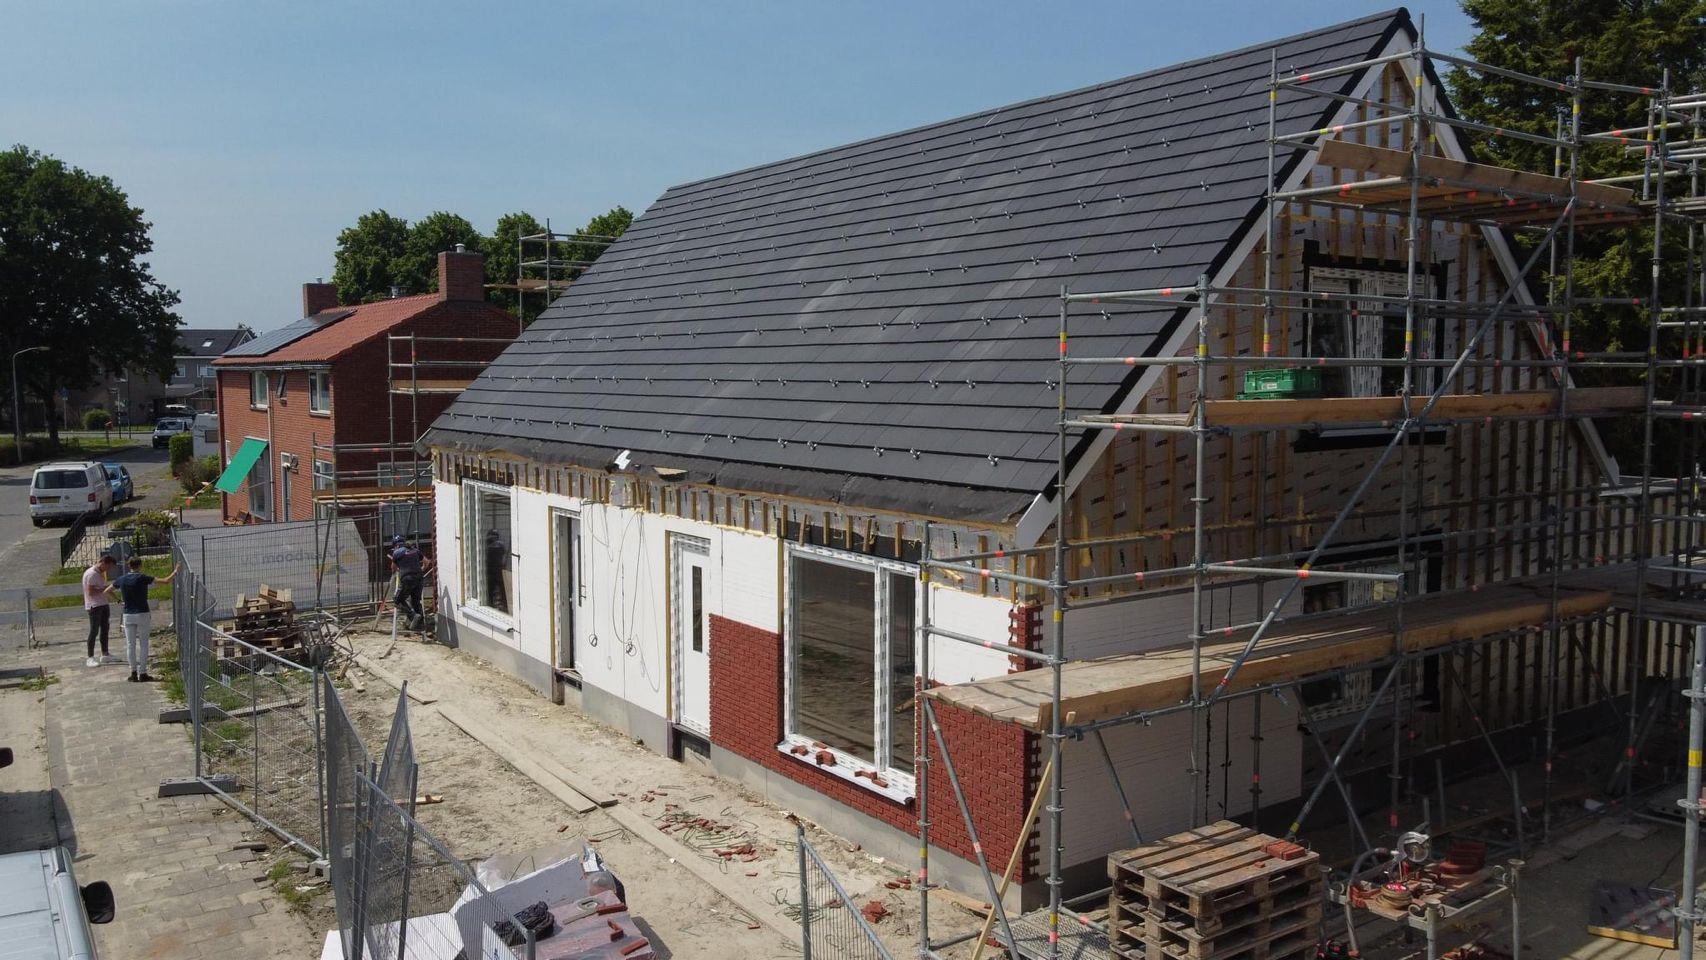 BrickStrip Groningen